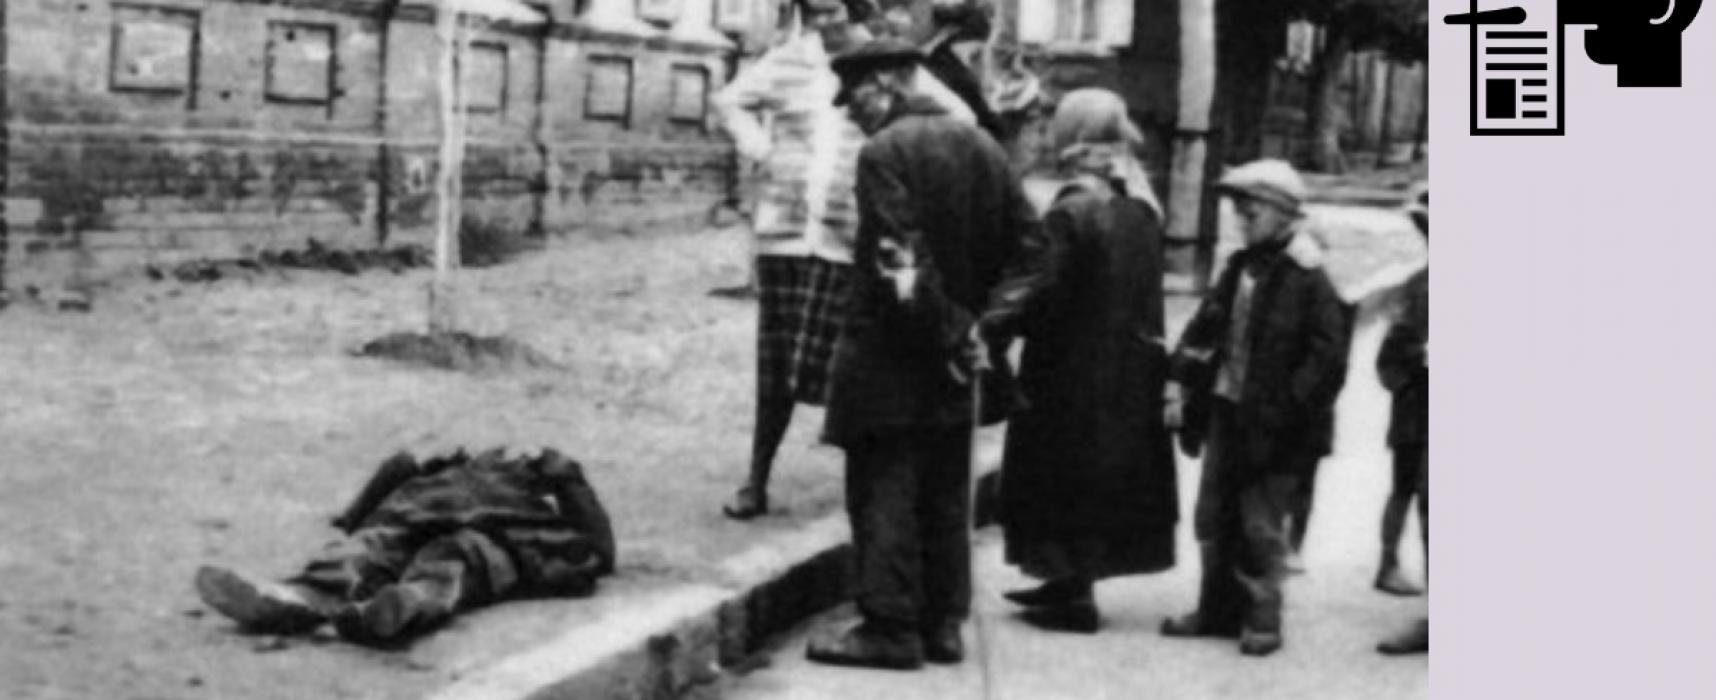 Фейк: Голодомор в Україні не був етнічно спрямований проти українців